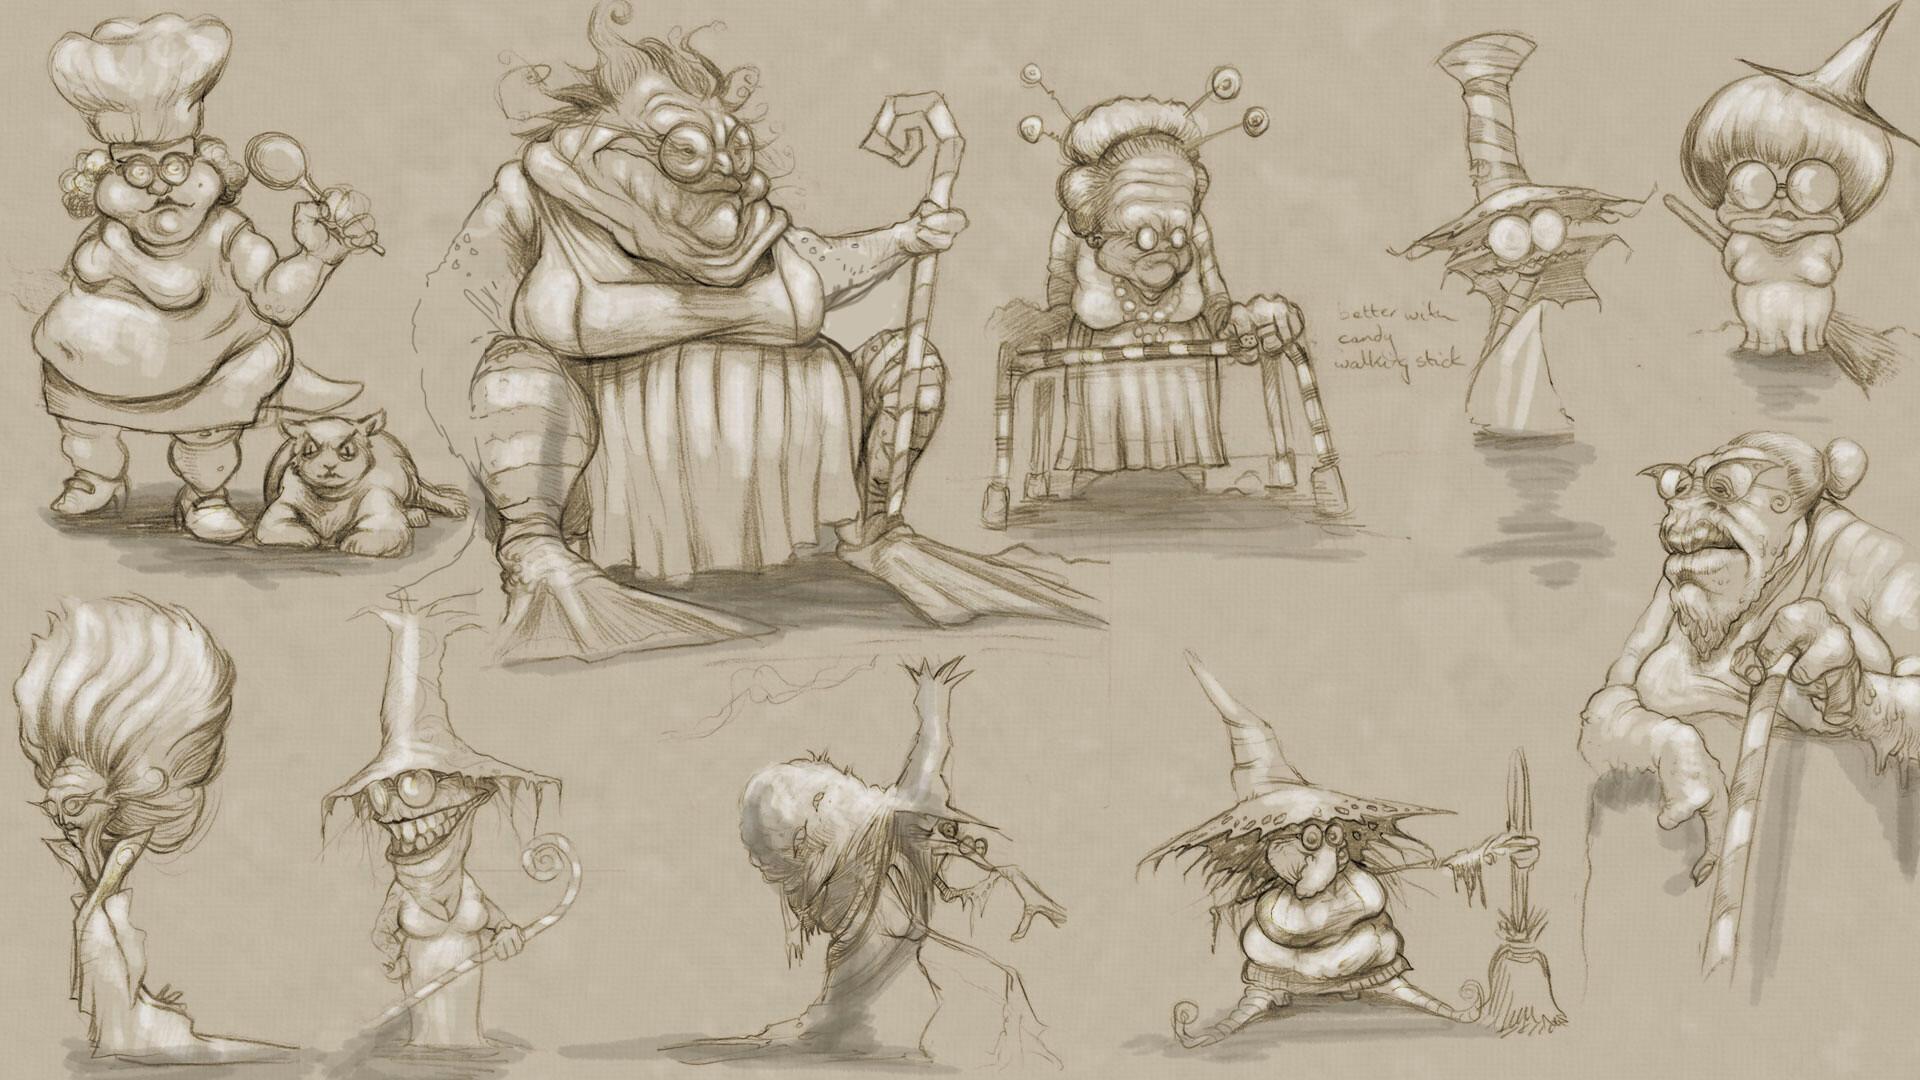 Robert thornely hanselgretel witches